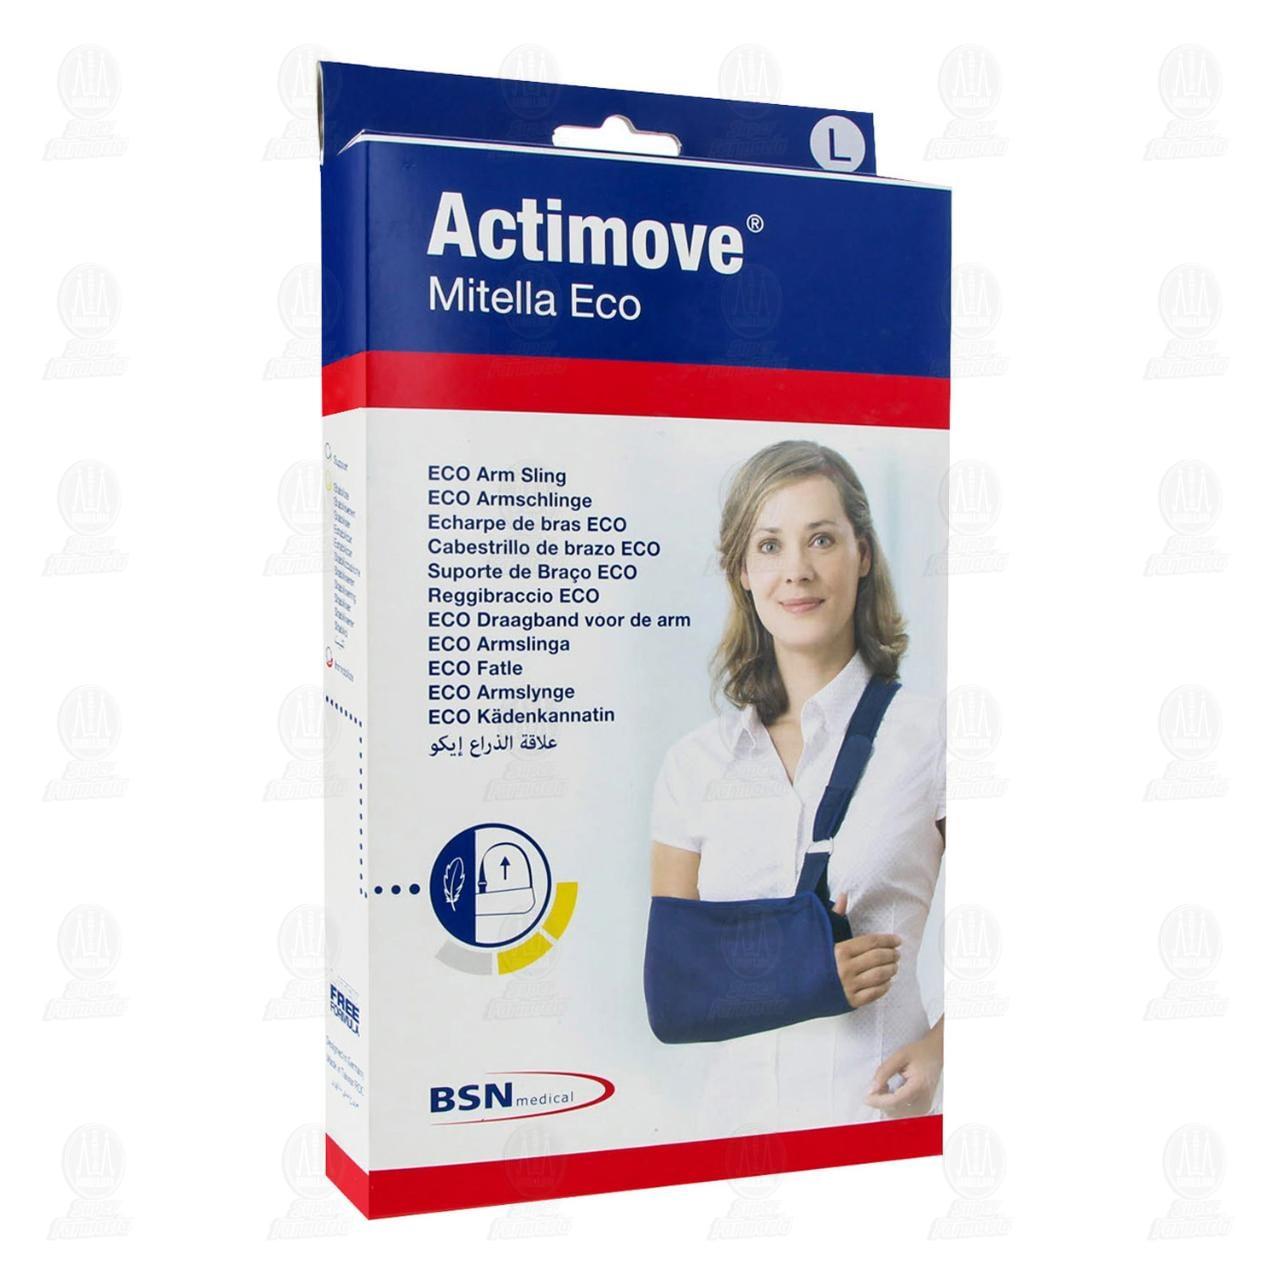 comprar https://www.movil.farmaciasguadalajara.com/wcsstore/FGCAS/wcs/products/1236172_A_1280_AL.jpg en farmacias guadalajara